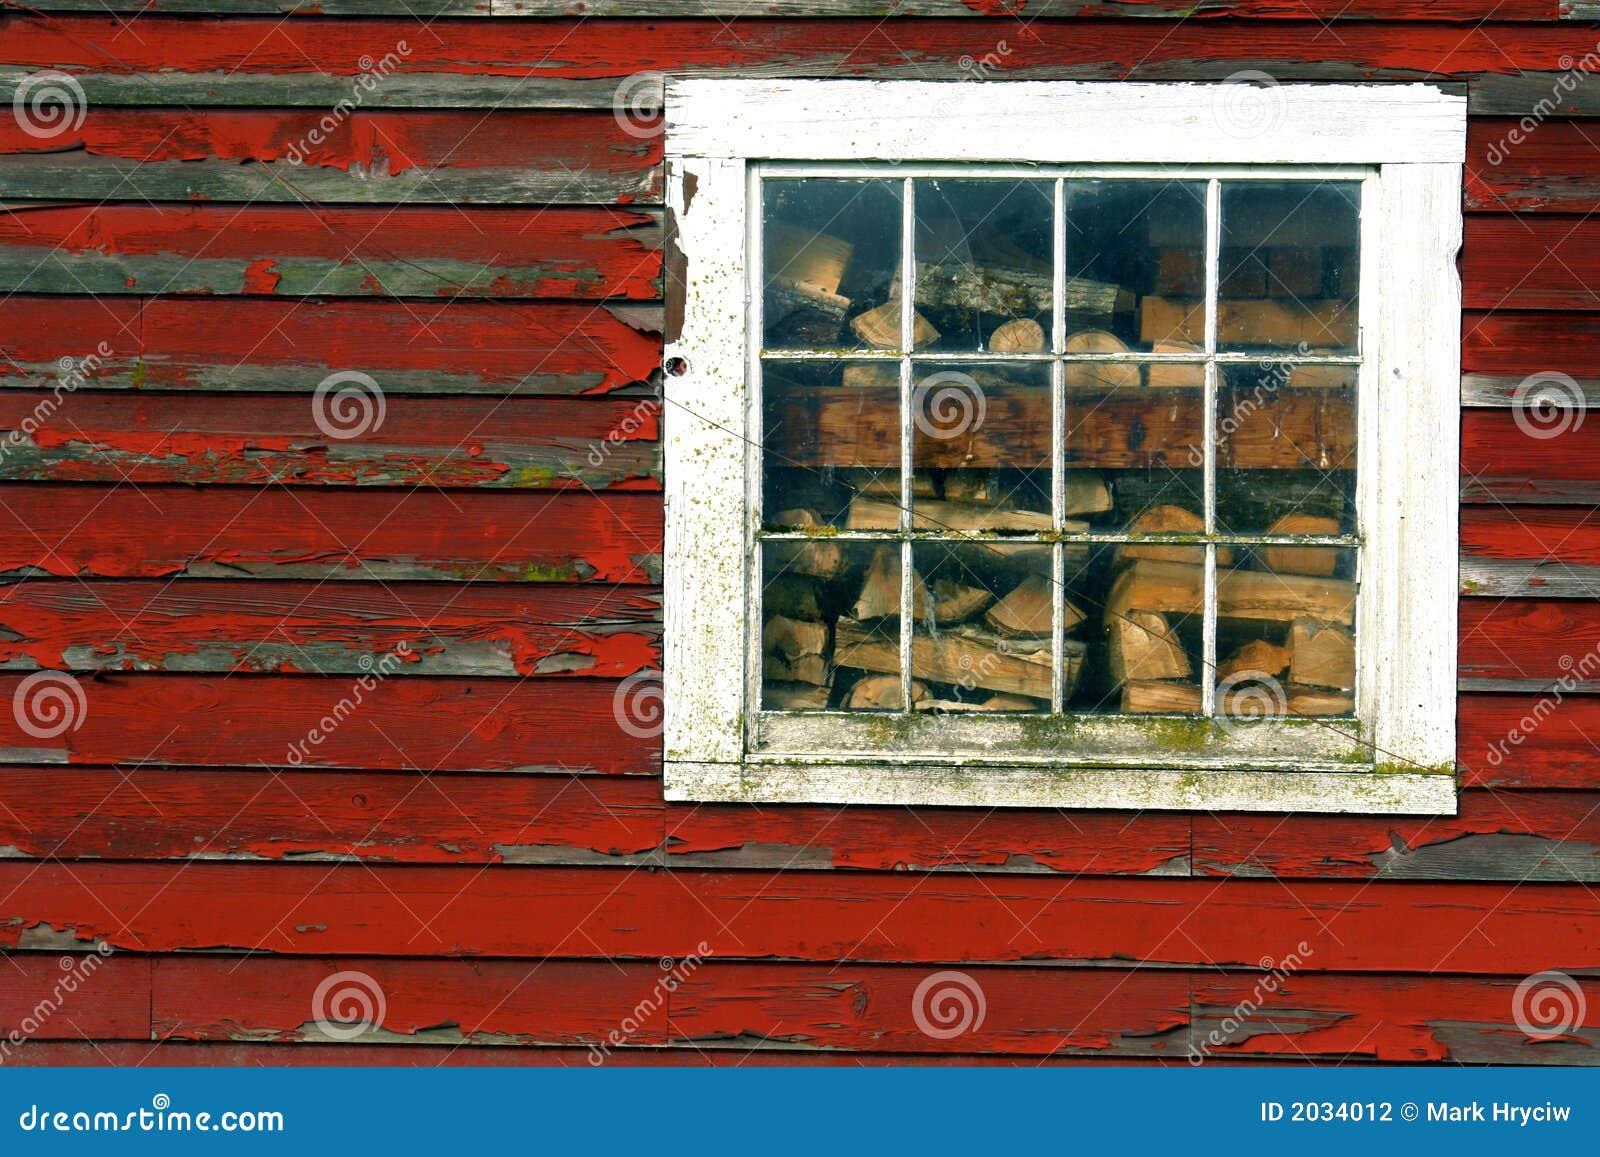 Ventana del granero foto de archivo. Imagen de leña, viejo - 2034012